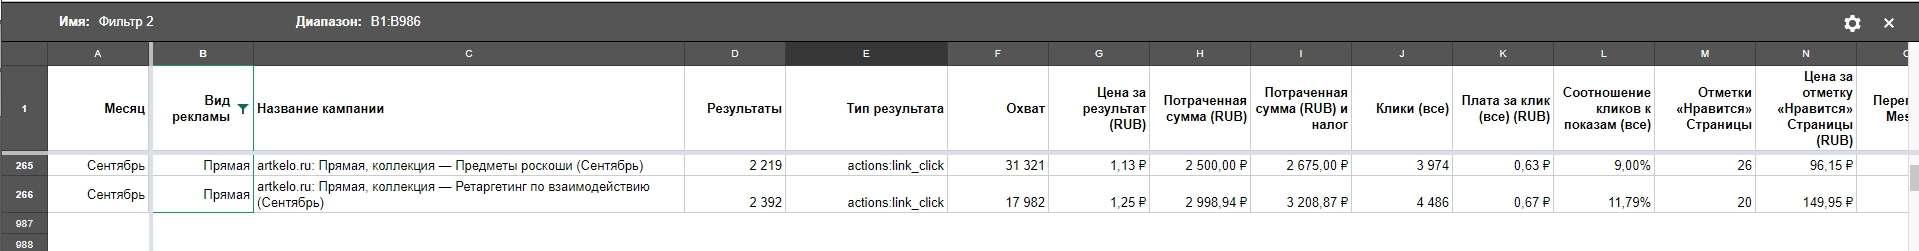 Результаты кампании с новым форматом